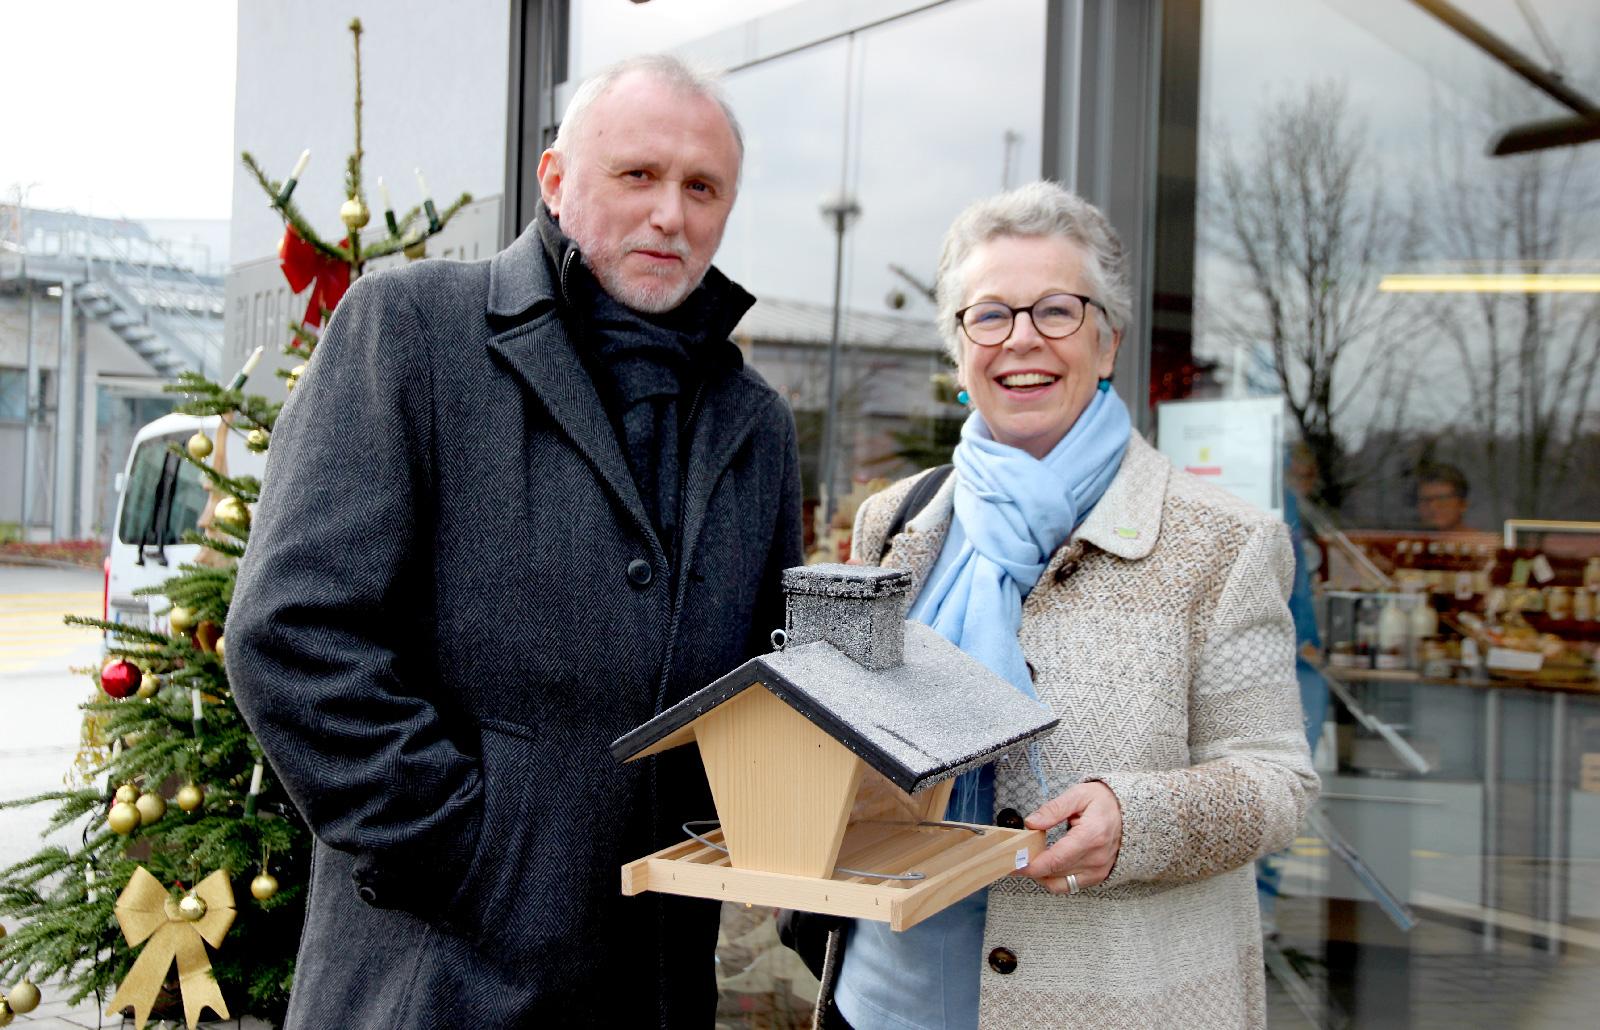 Adventskranz und ein Vogelhäuschen ... – der Besuch des Einkaufssamstags ist für Ruth Endres und ihren Partner ein lieb gewonnener Brauch in der Vorweihnachtszeit.